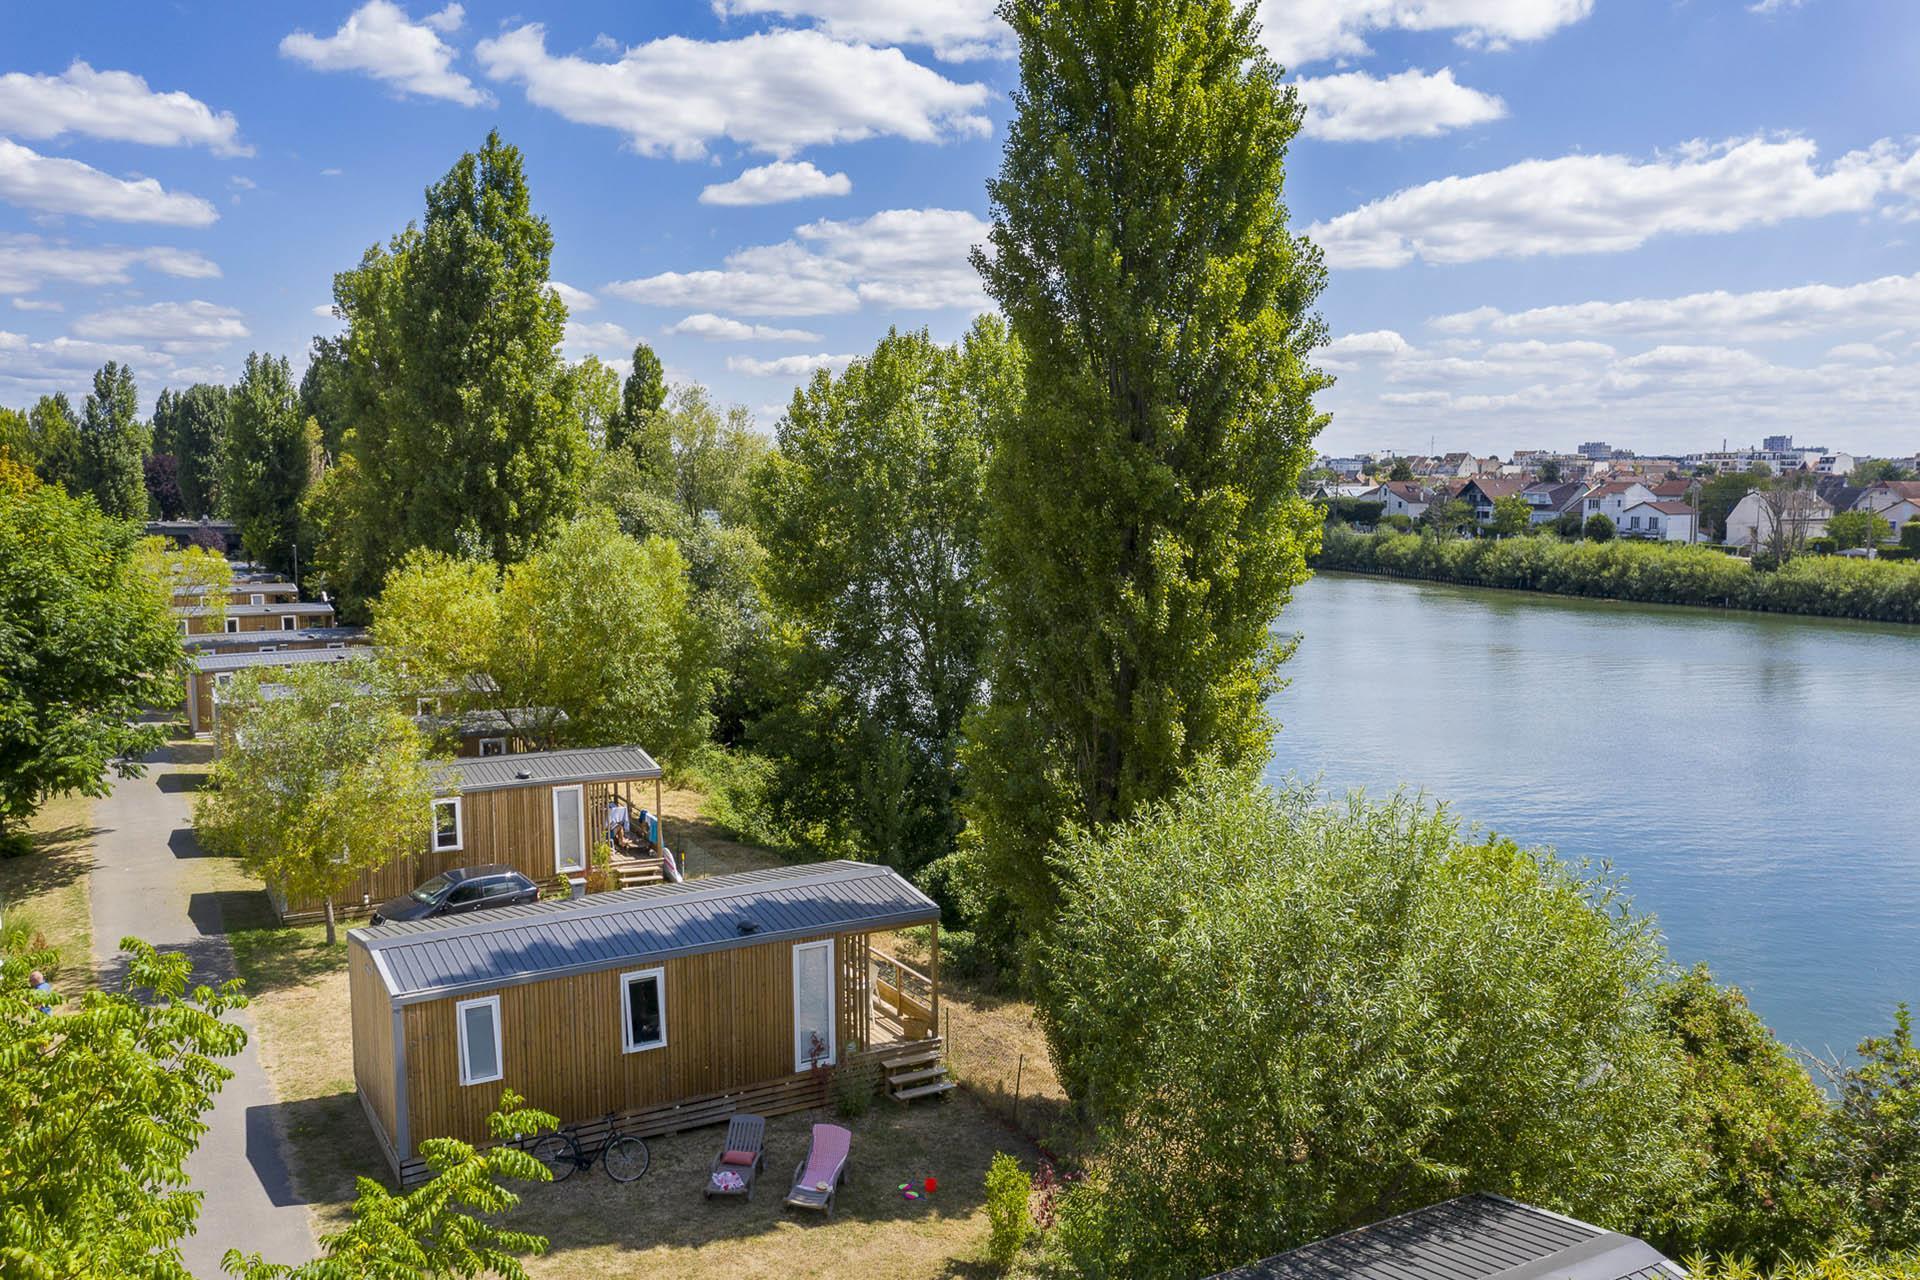 Location - Cottage 2 Chambres Bord De Seine **** - Camping Sandaya Paris Maisons-Laffitte